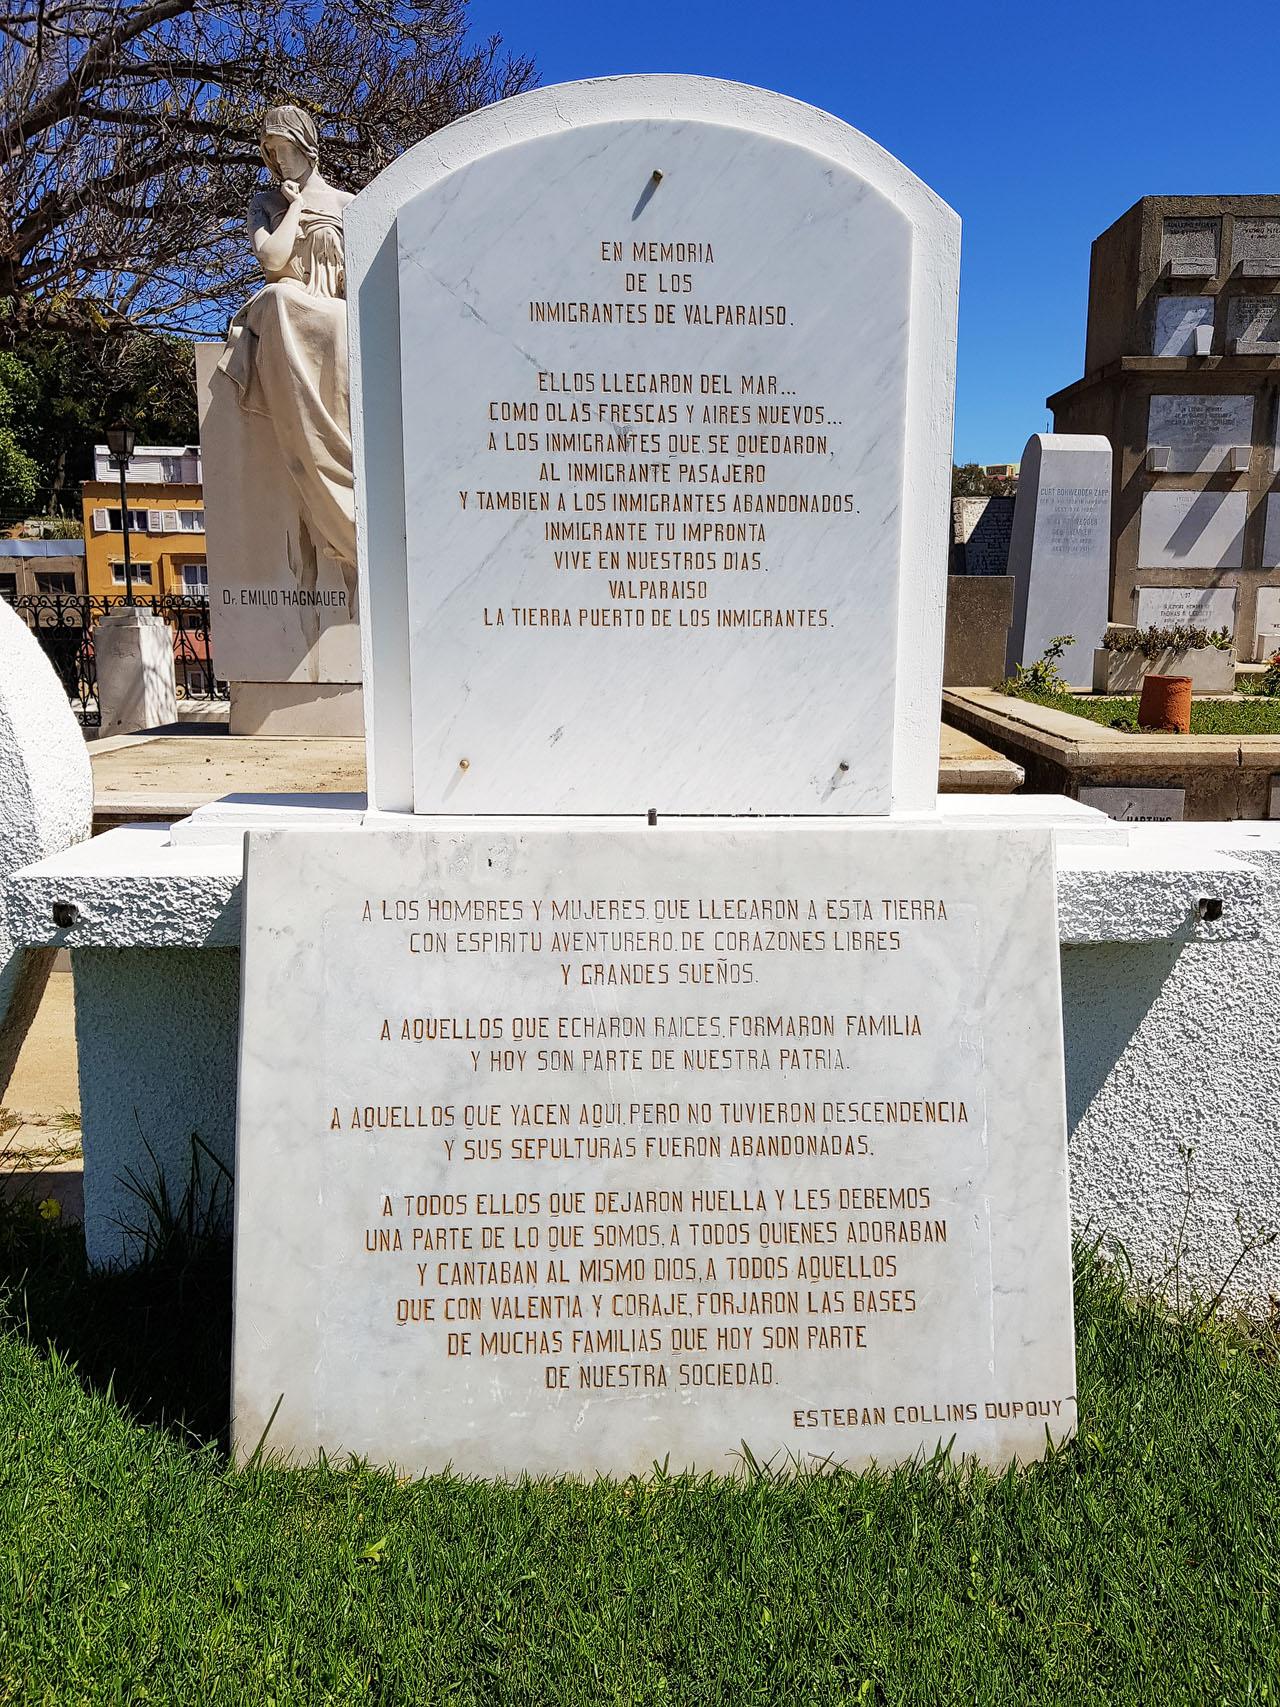 Gedenkstein für die Immigranten am Dissidentenfriedhof in Valparaiso